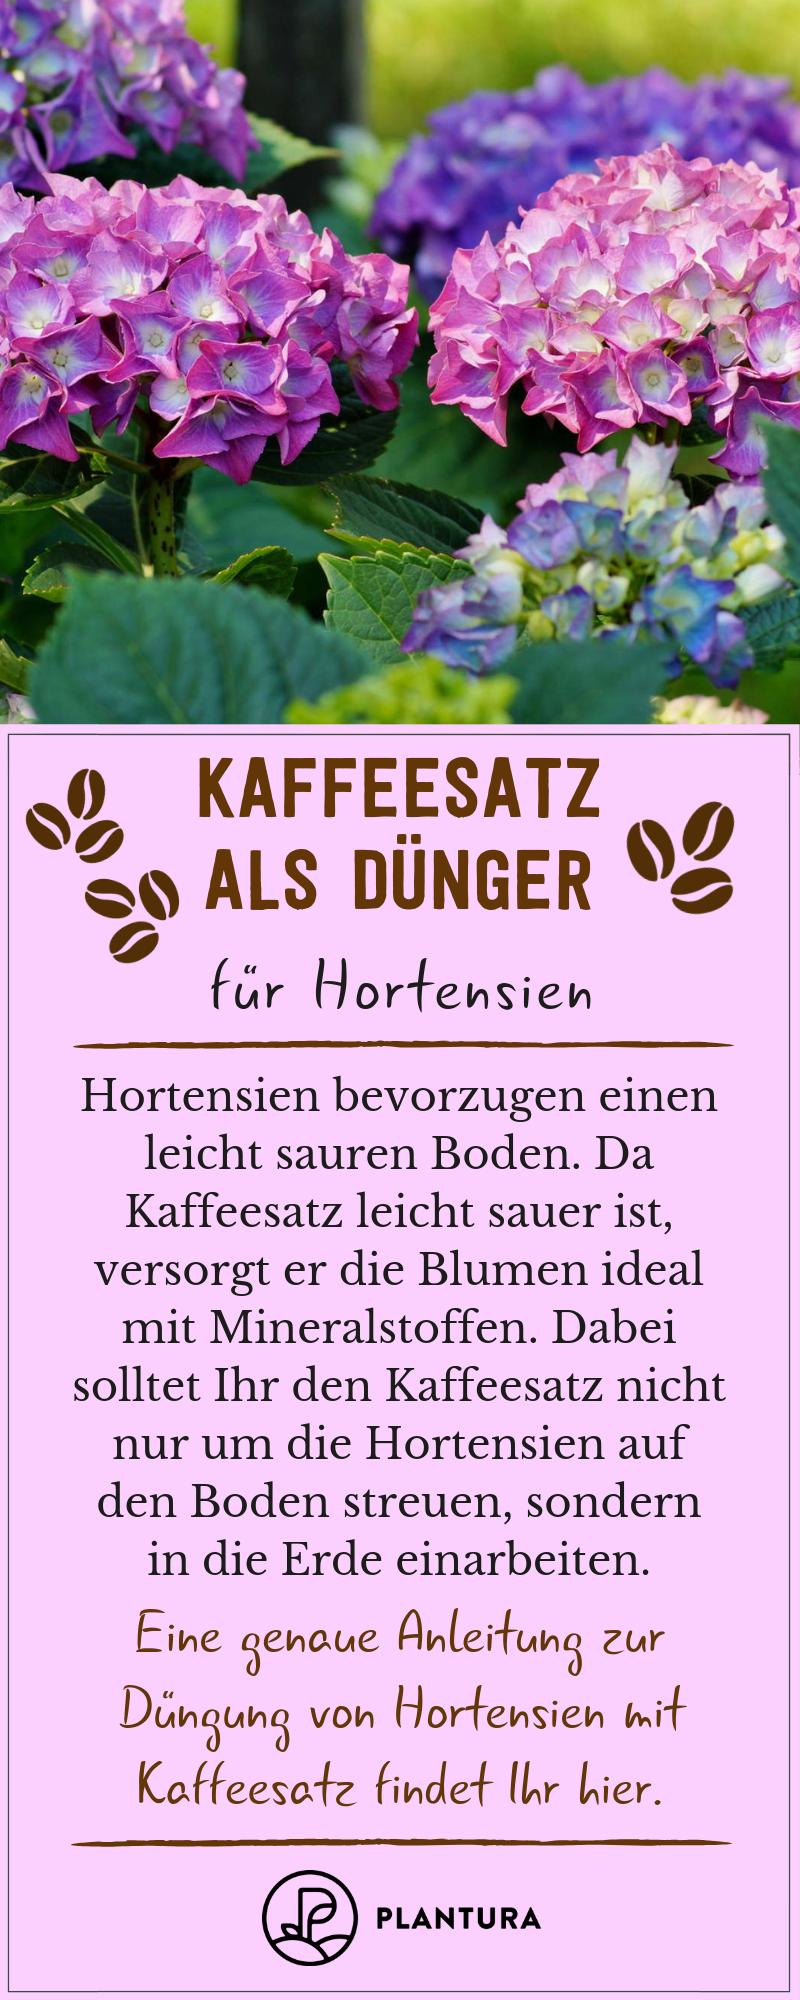 Kaffeesatz als Dünger: Verwendung & Vorteile des Hausmittels #patioplants